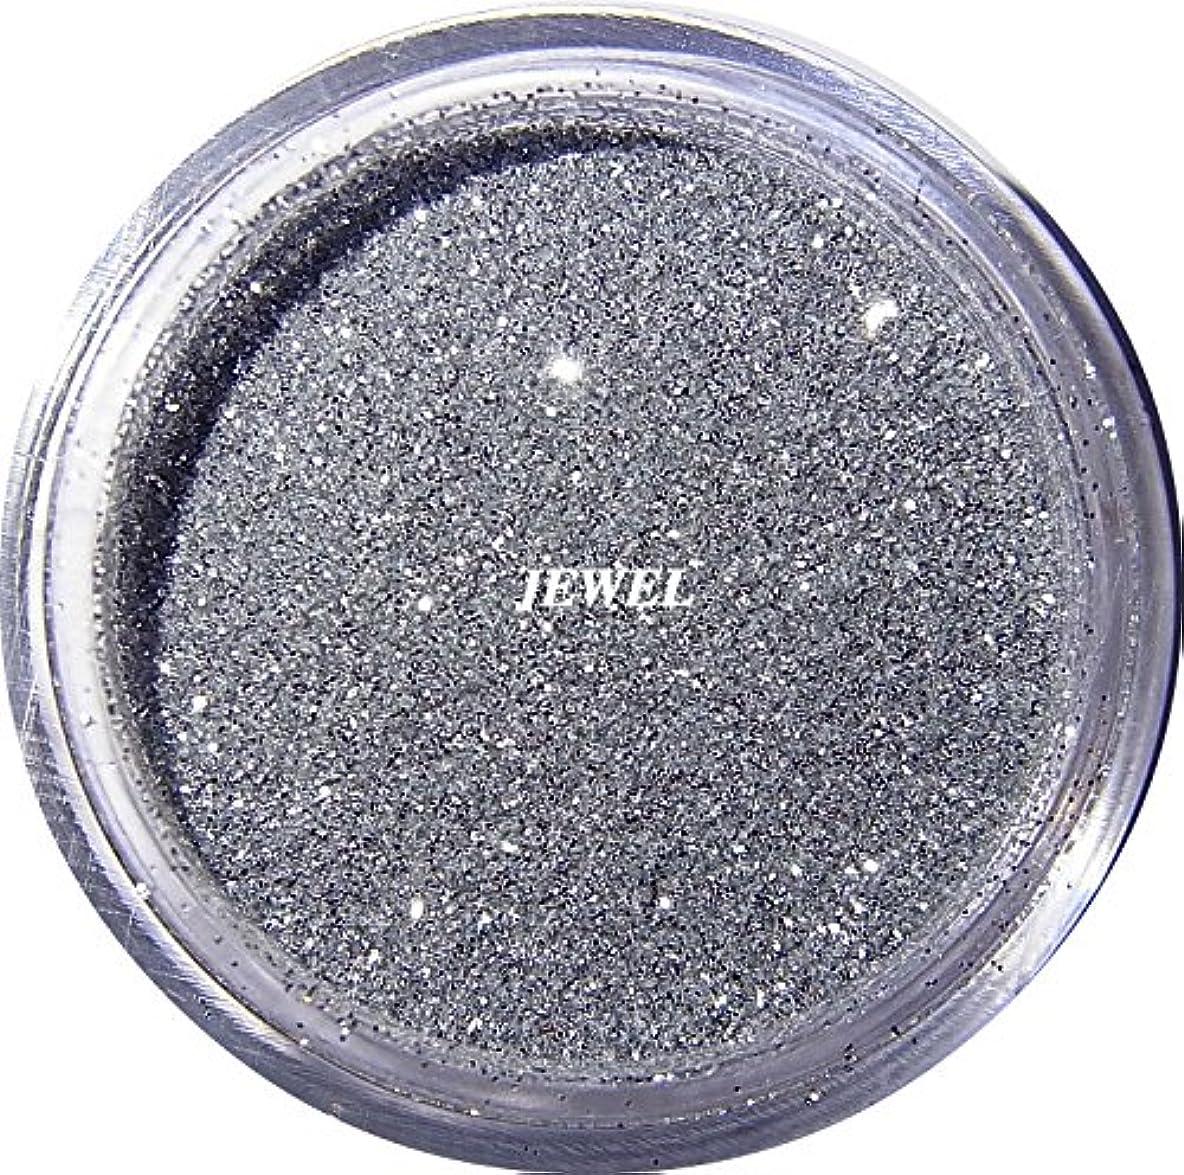 【jewel】 超微粒子ラメパウダーたっぷり2g入り 12色から選択可能 レジン&ネイル用 (シルバー)